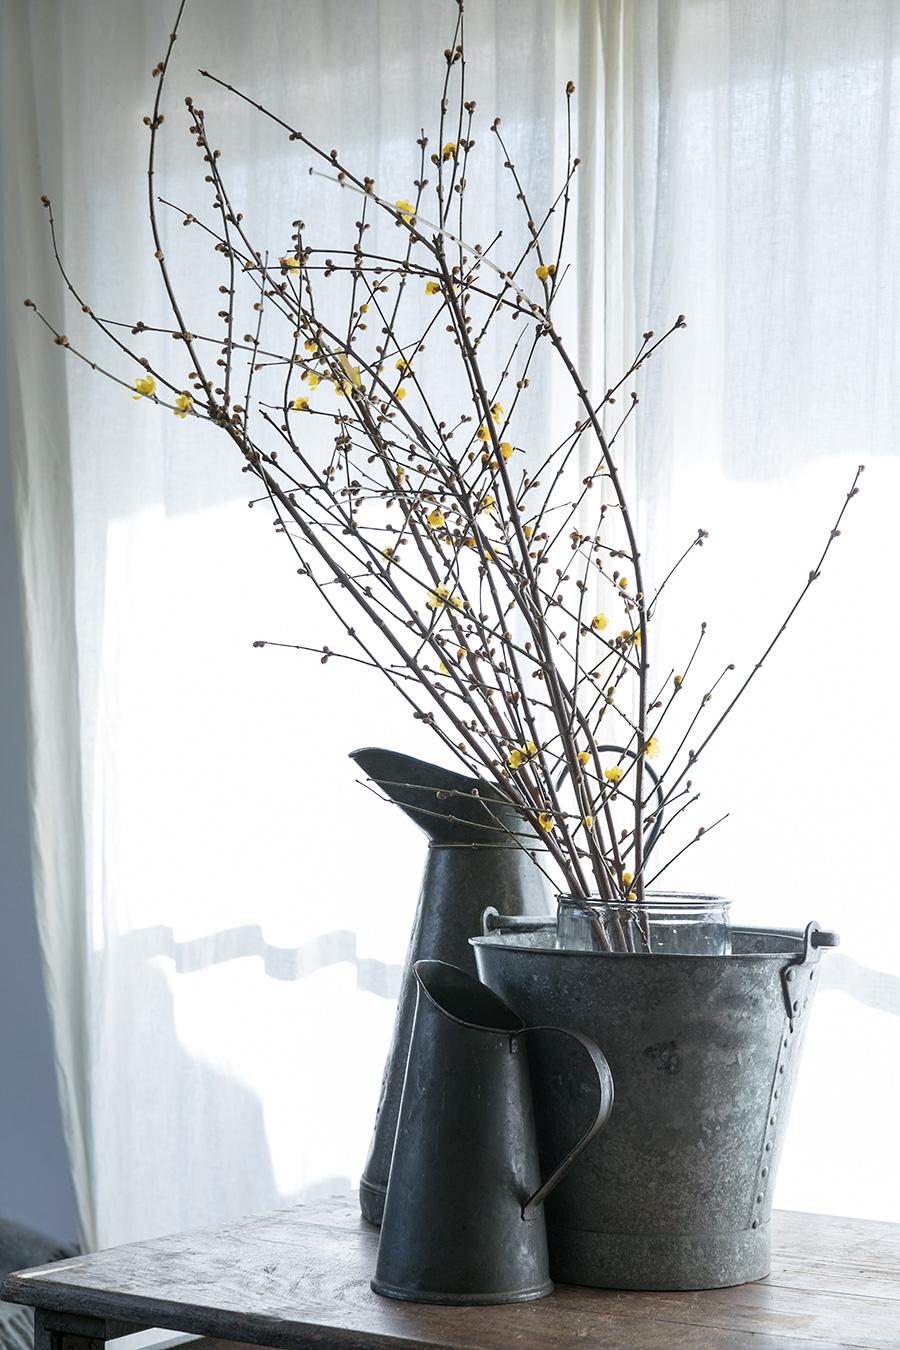 蝋梅をガラスの花瓶に生け、花瓶をバケツに入れて安定させる。バケツと同じ素材の水差しを飾って全体のバランスを整える。